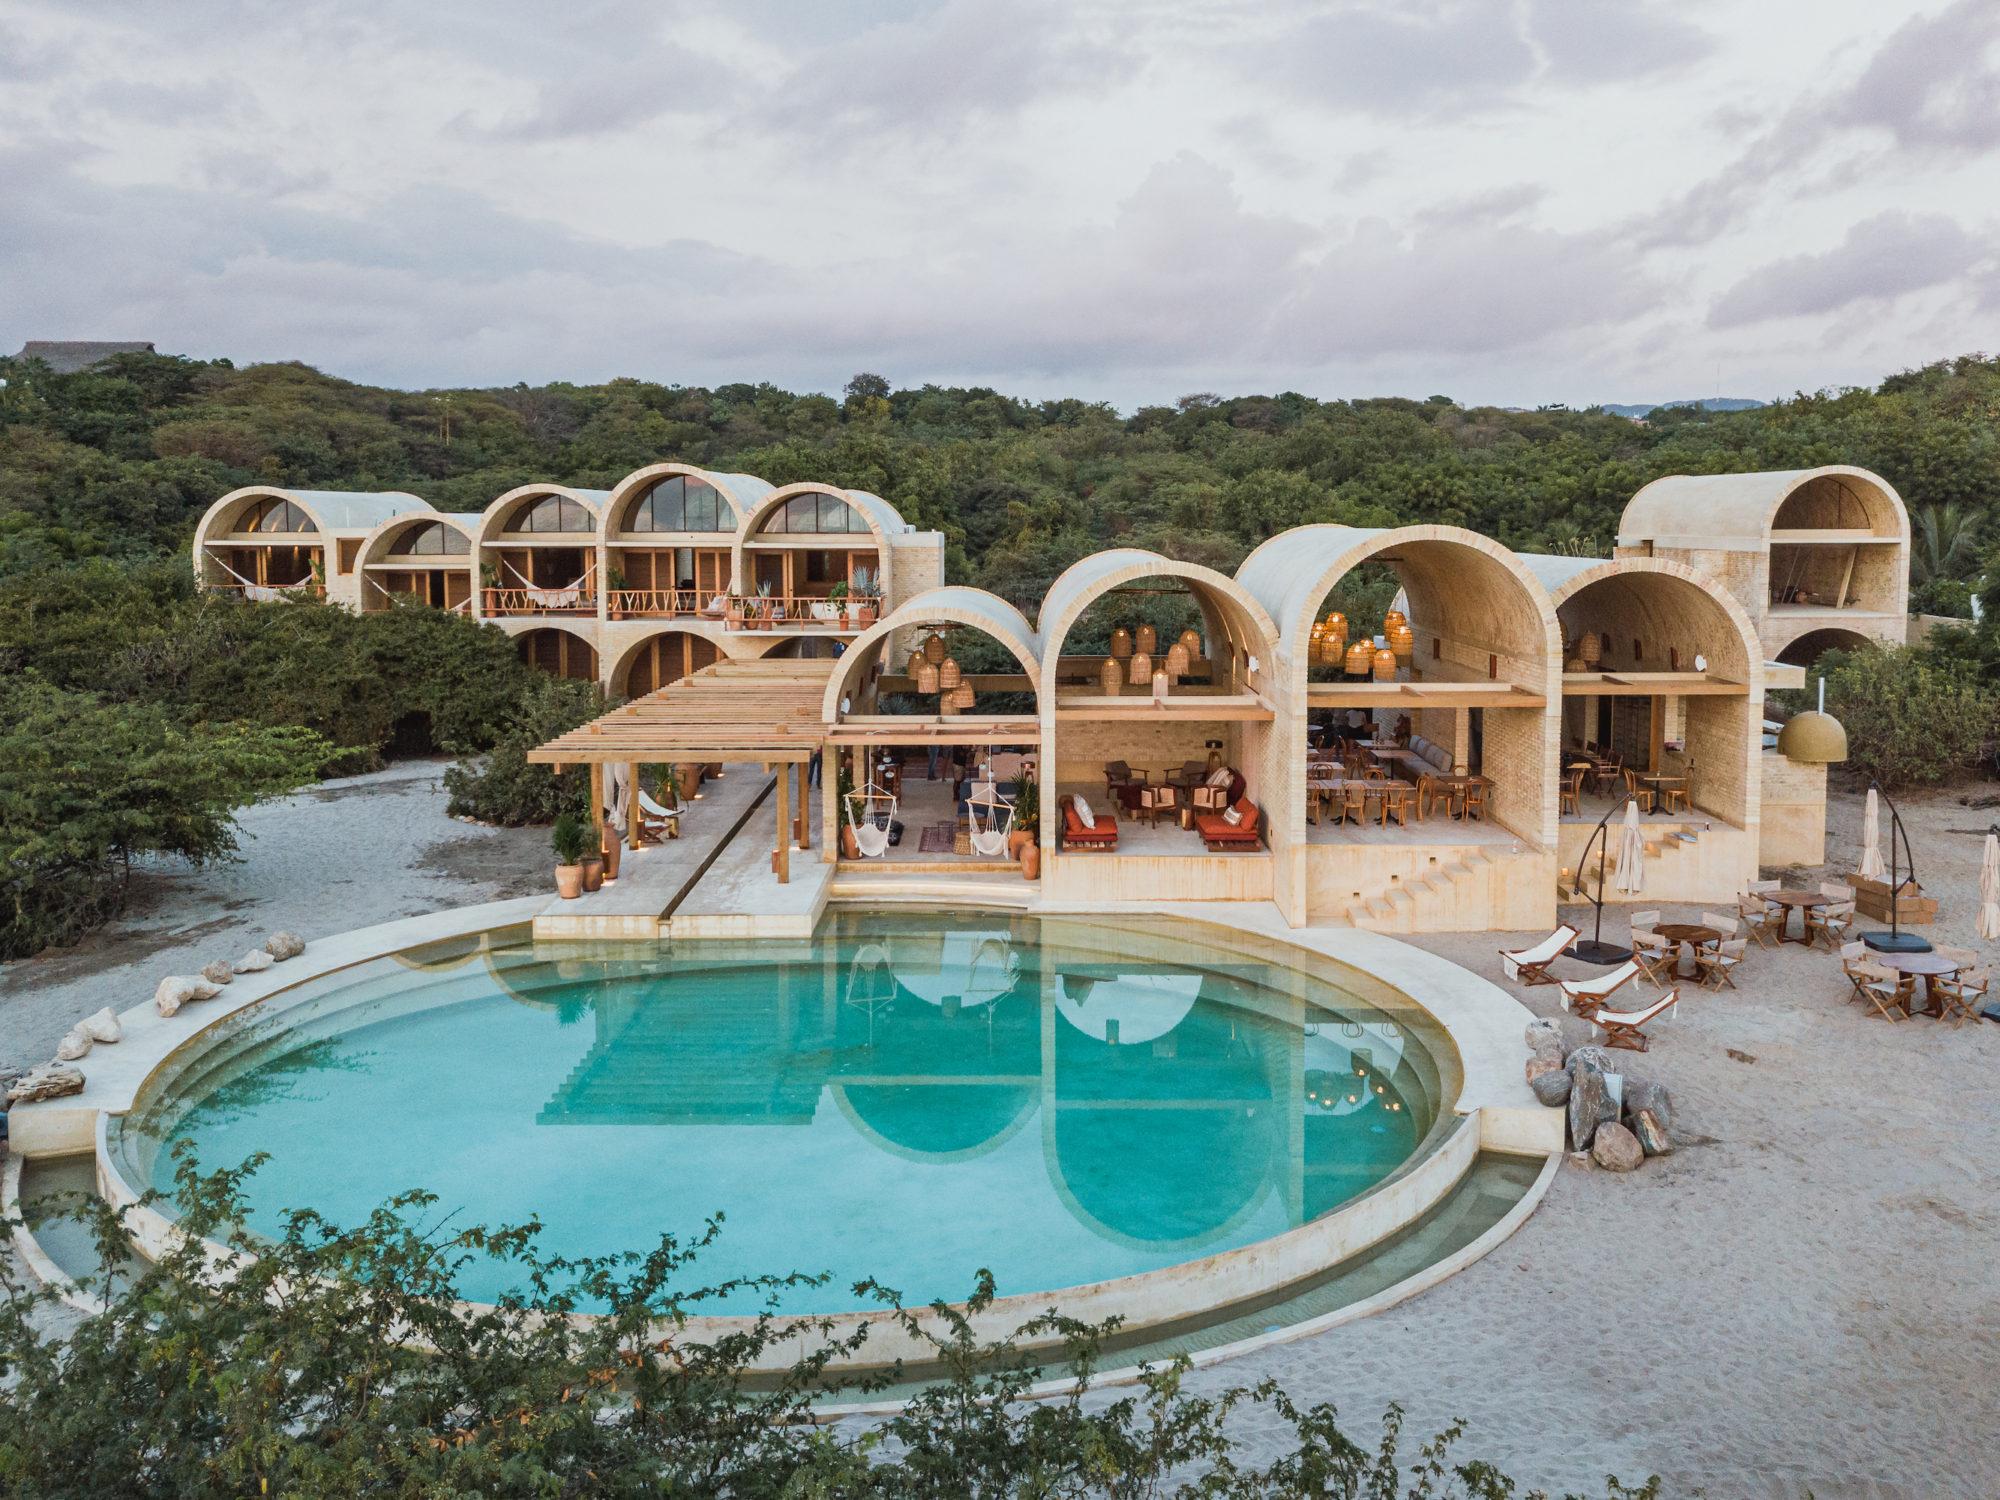 Для любителей необычного!<br><span>«Casona Sforza» – новый арочный отель  в Мексике!</span>